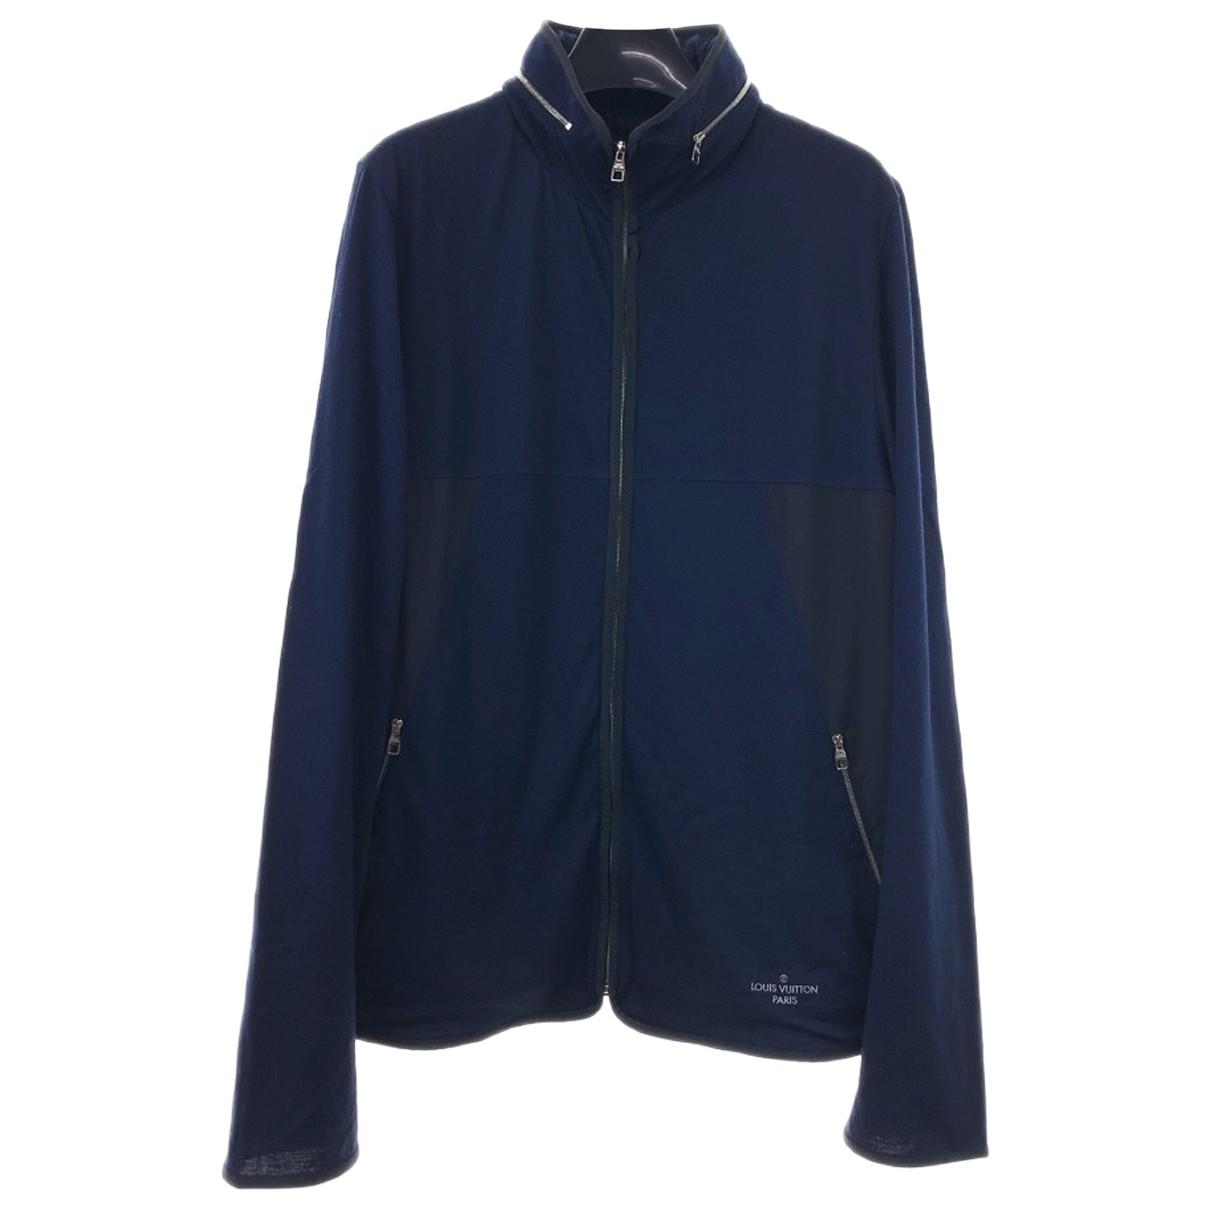 Louis Vuitton - Vestes.Blousons   pour homme en laine